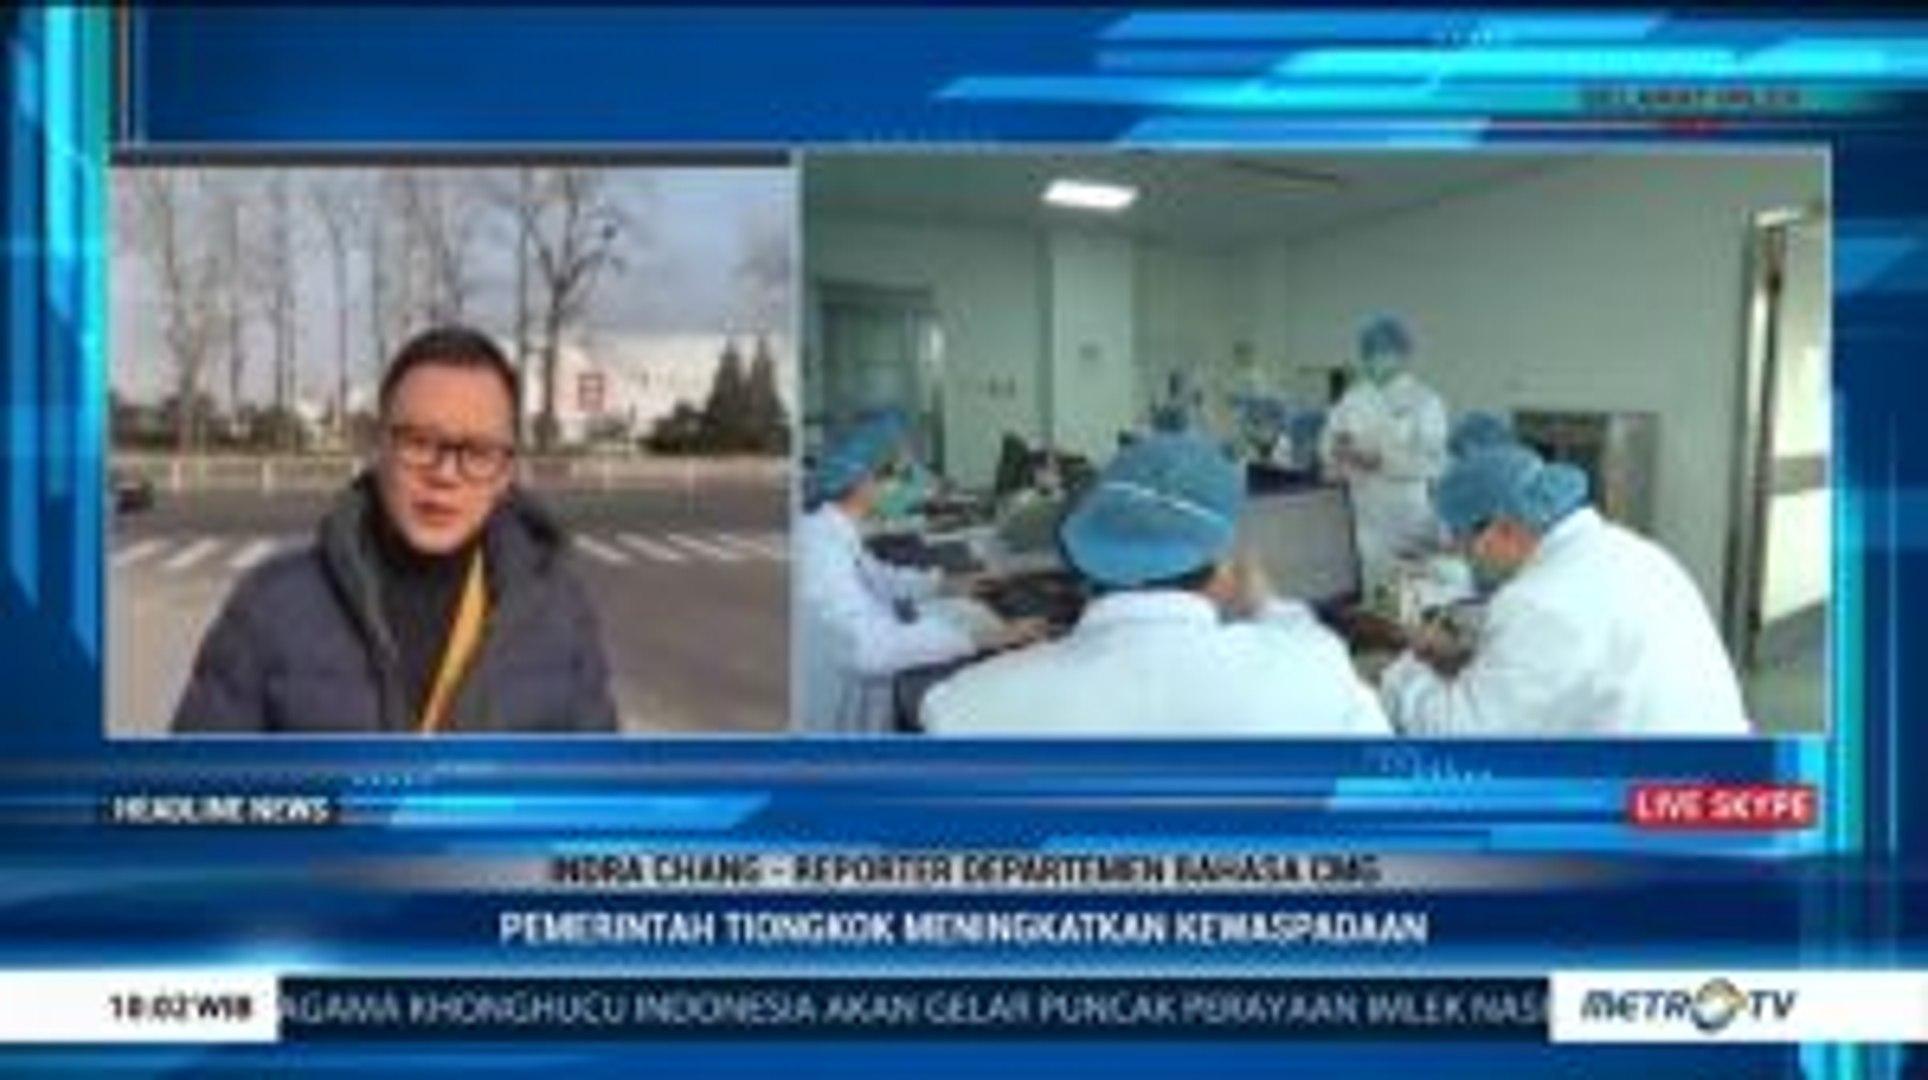 Virus Corona Terdeteksi di Beijing, Sejumlah Orang Meninggal